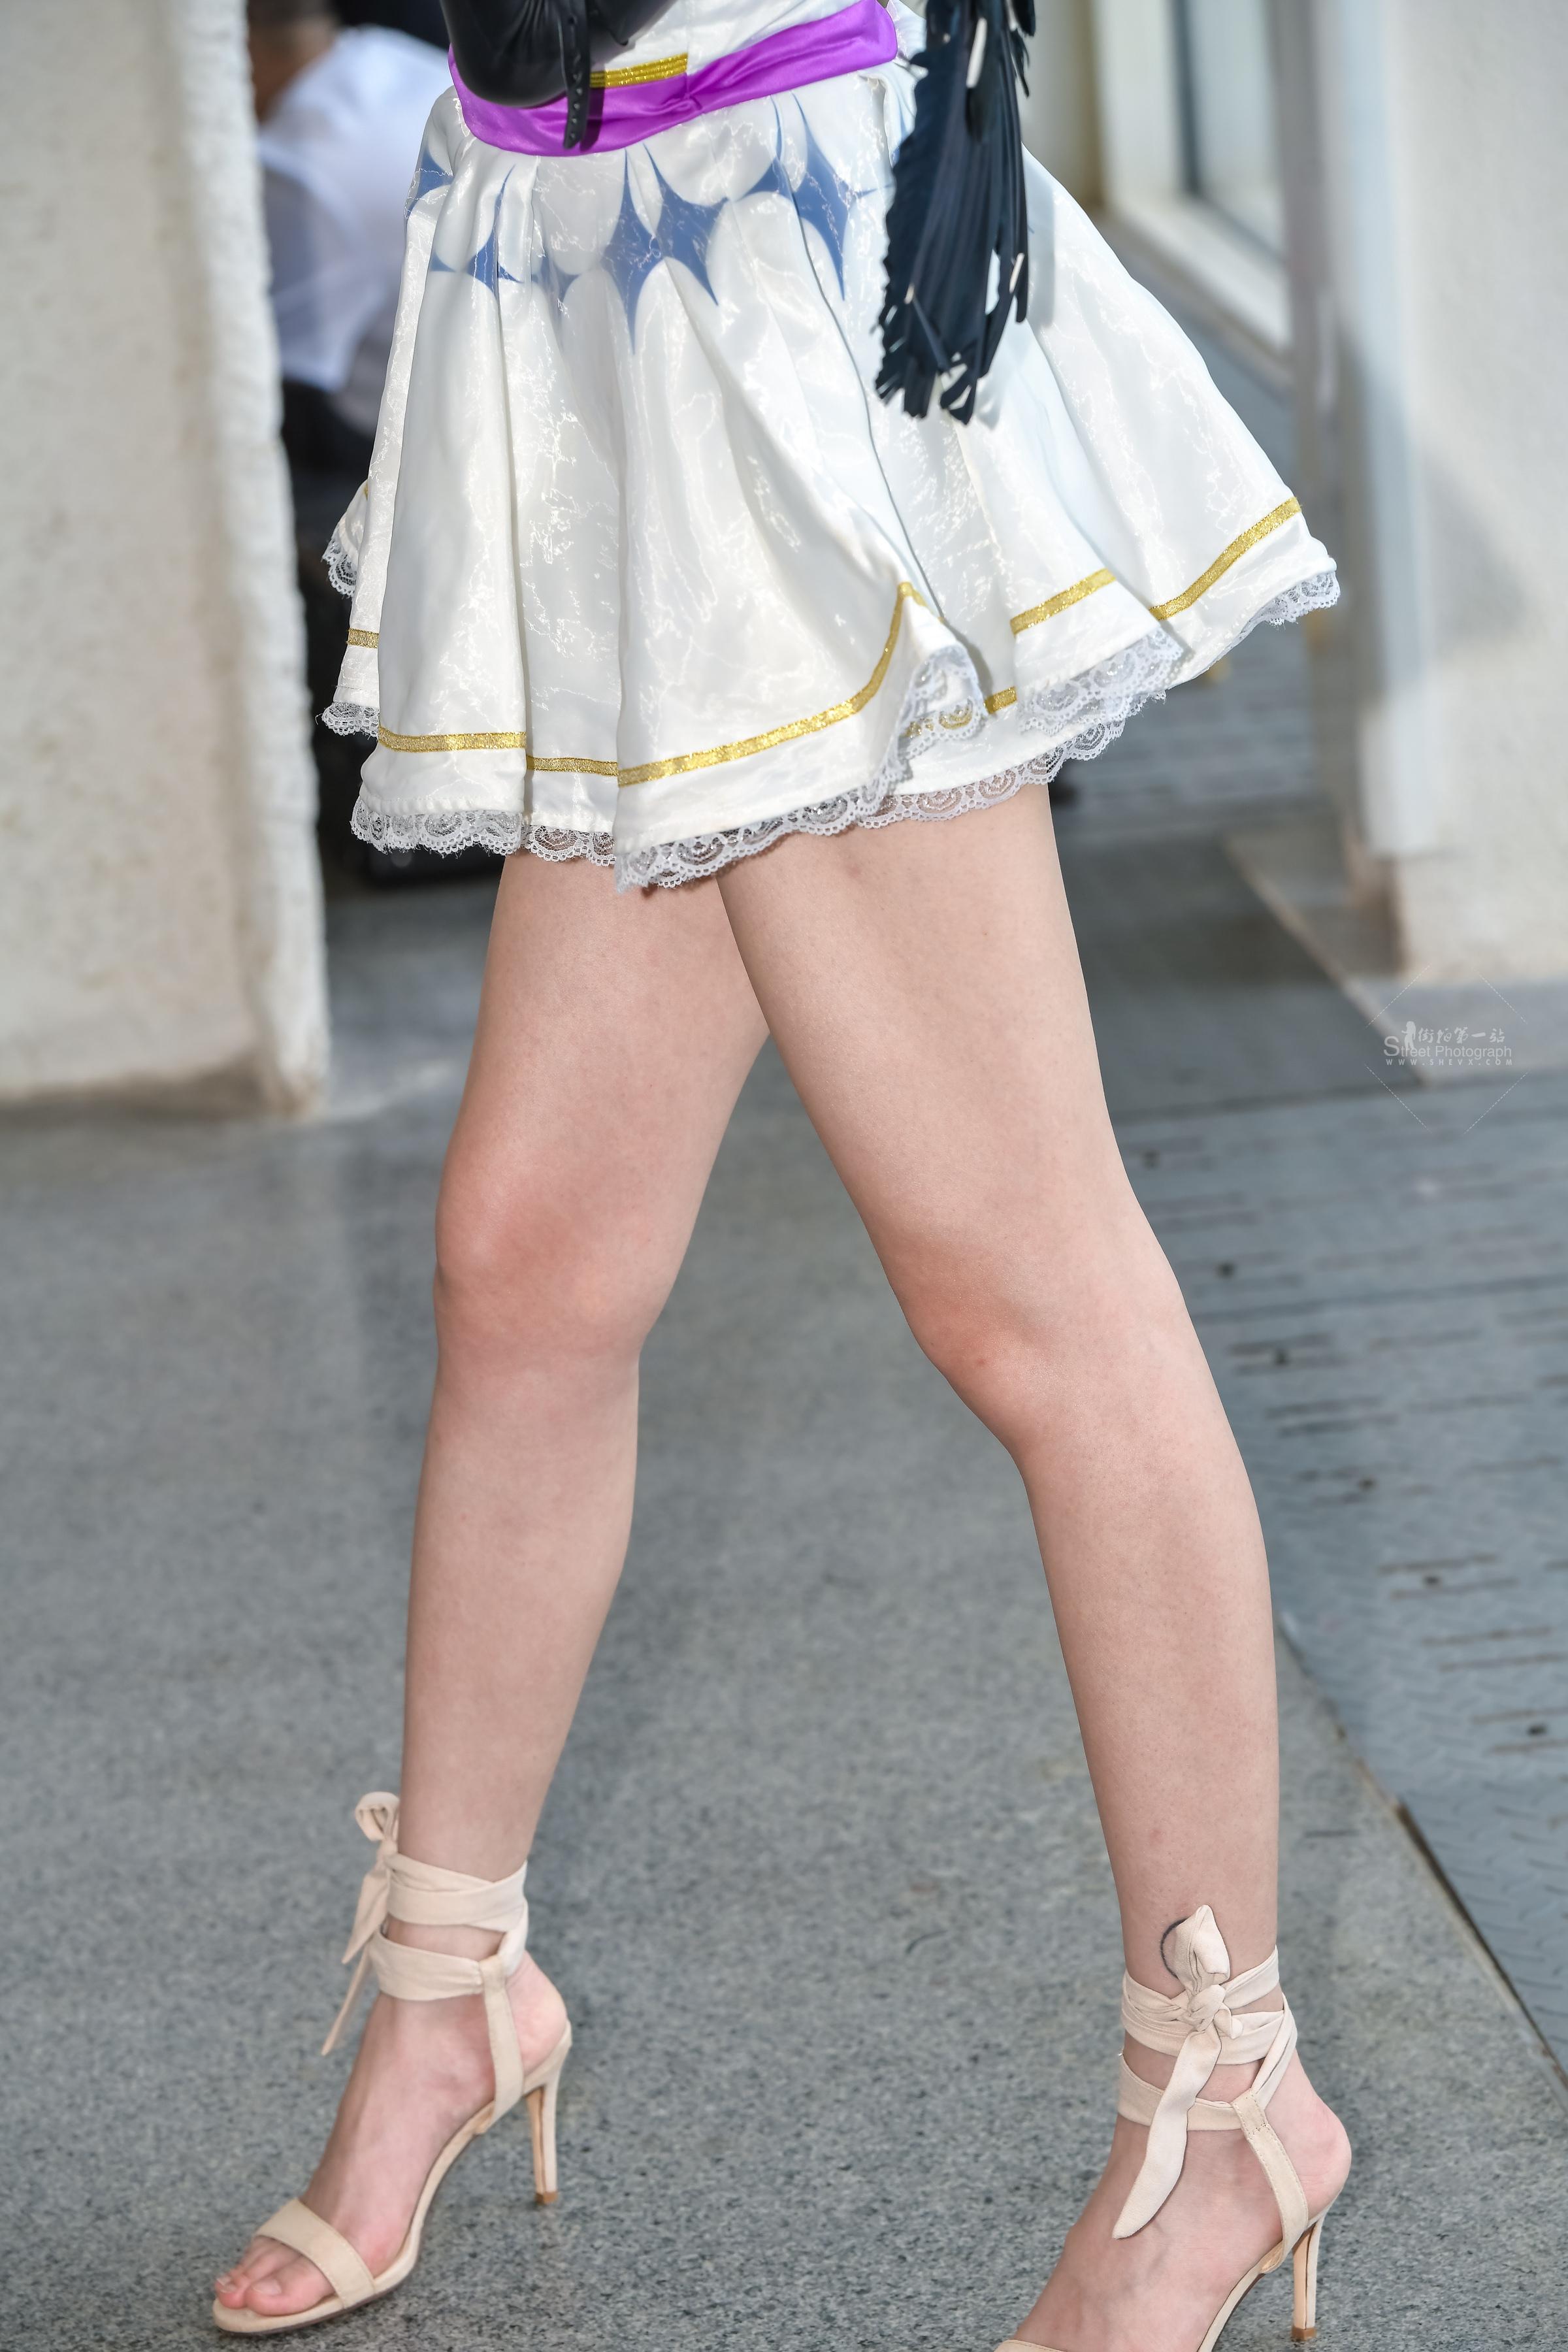 街拍高跟 我为足狂,这个姑娘实在太美,腿好 高跟也不错, 最新街拍丝袜图片 街拍丝袜第一站